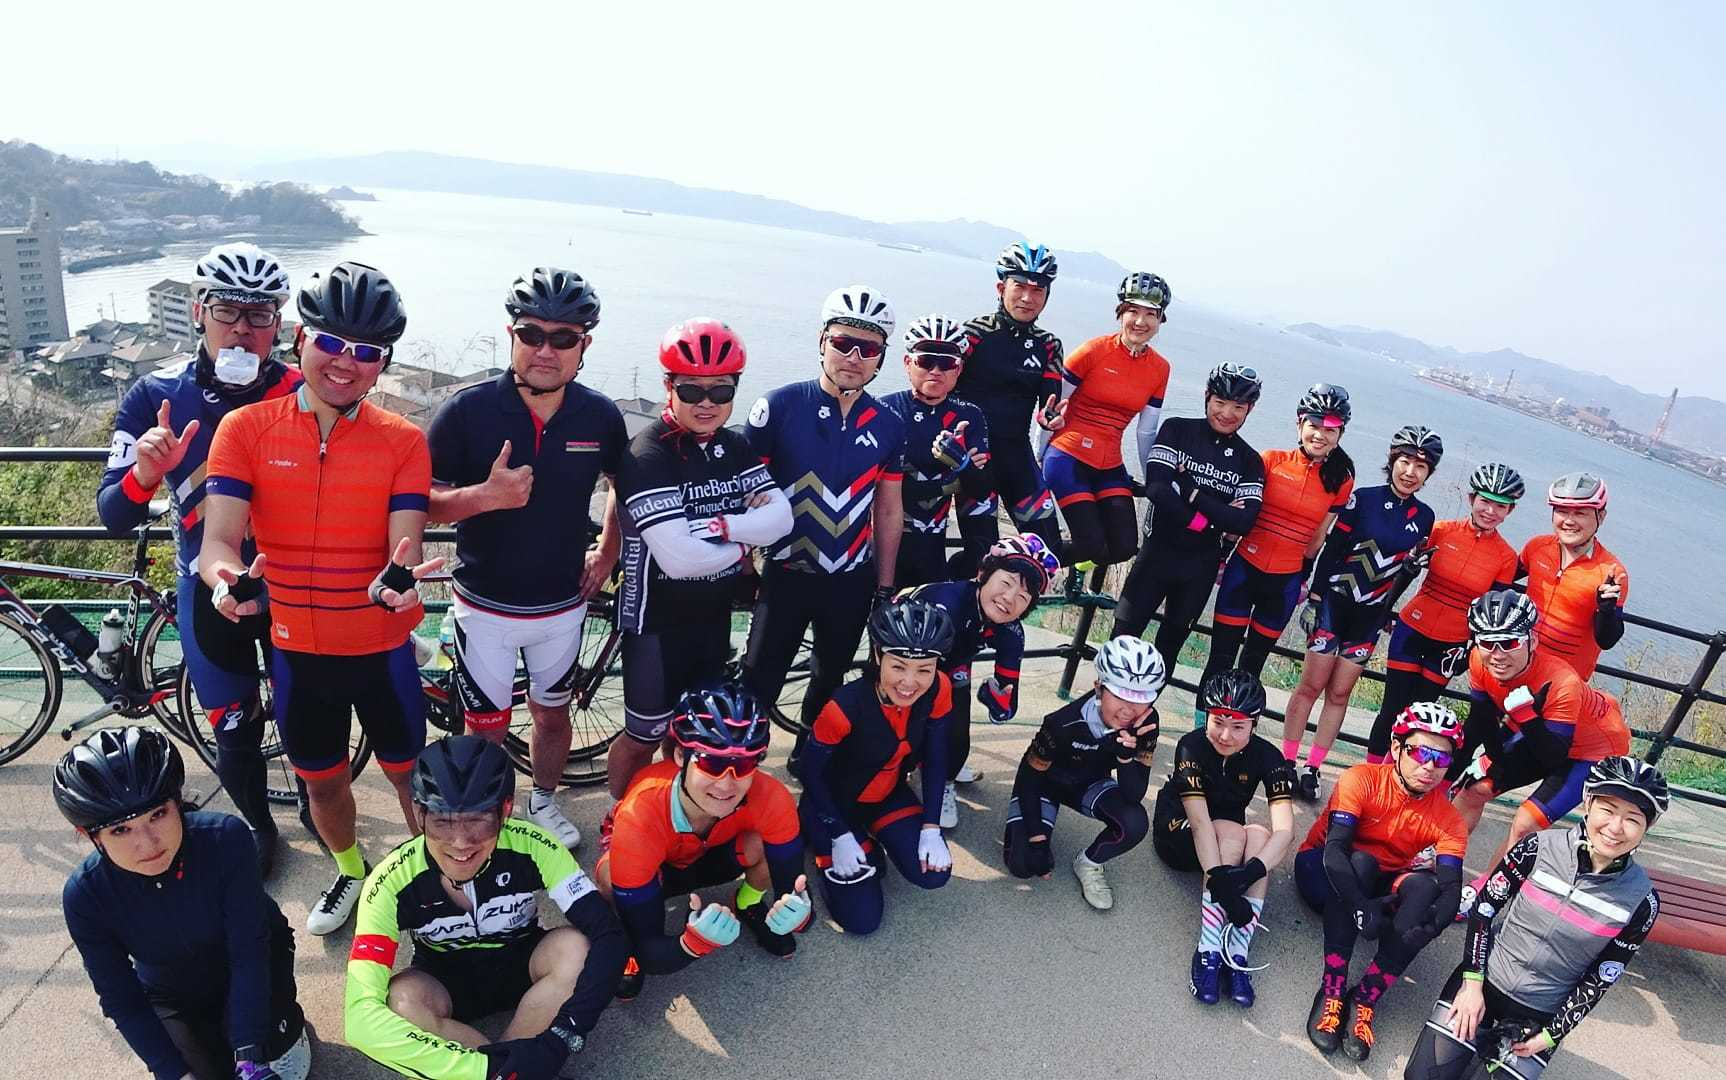 4月1日(日)開催「voyAge cycling \'ride krhsh slow\' 162」の日記_c0351373_08543863.jpg